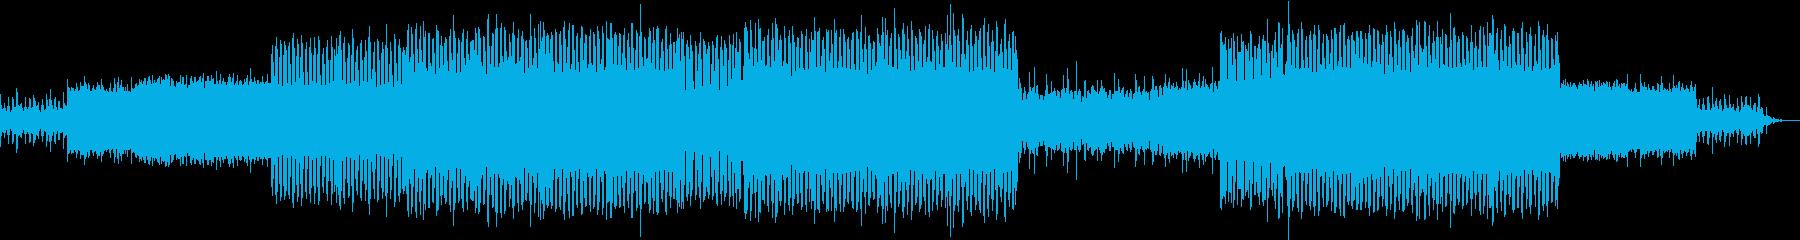 ギラギラしたシンセリードのEDMの再生済みの波形